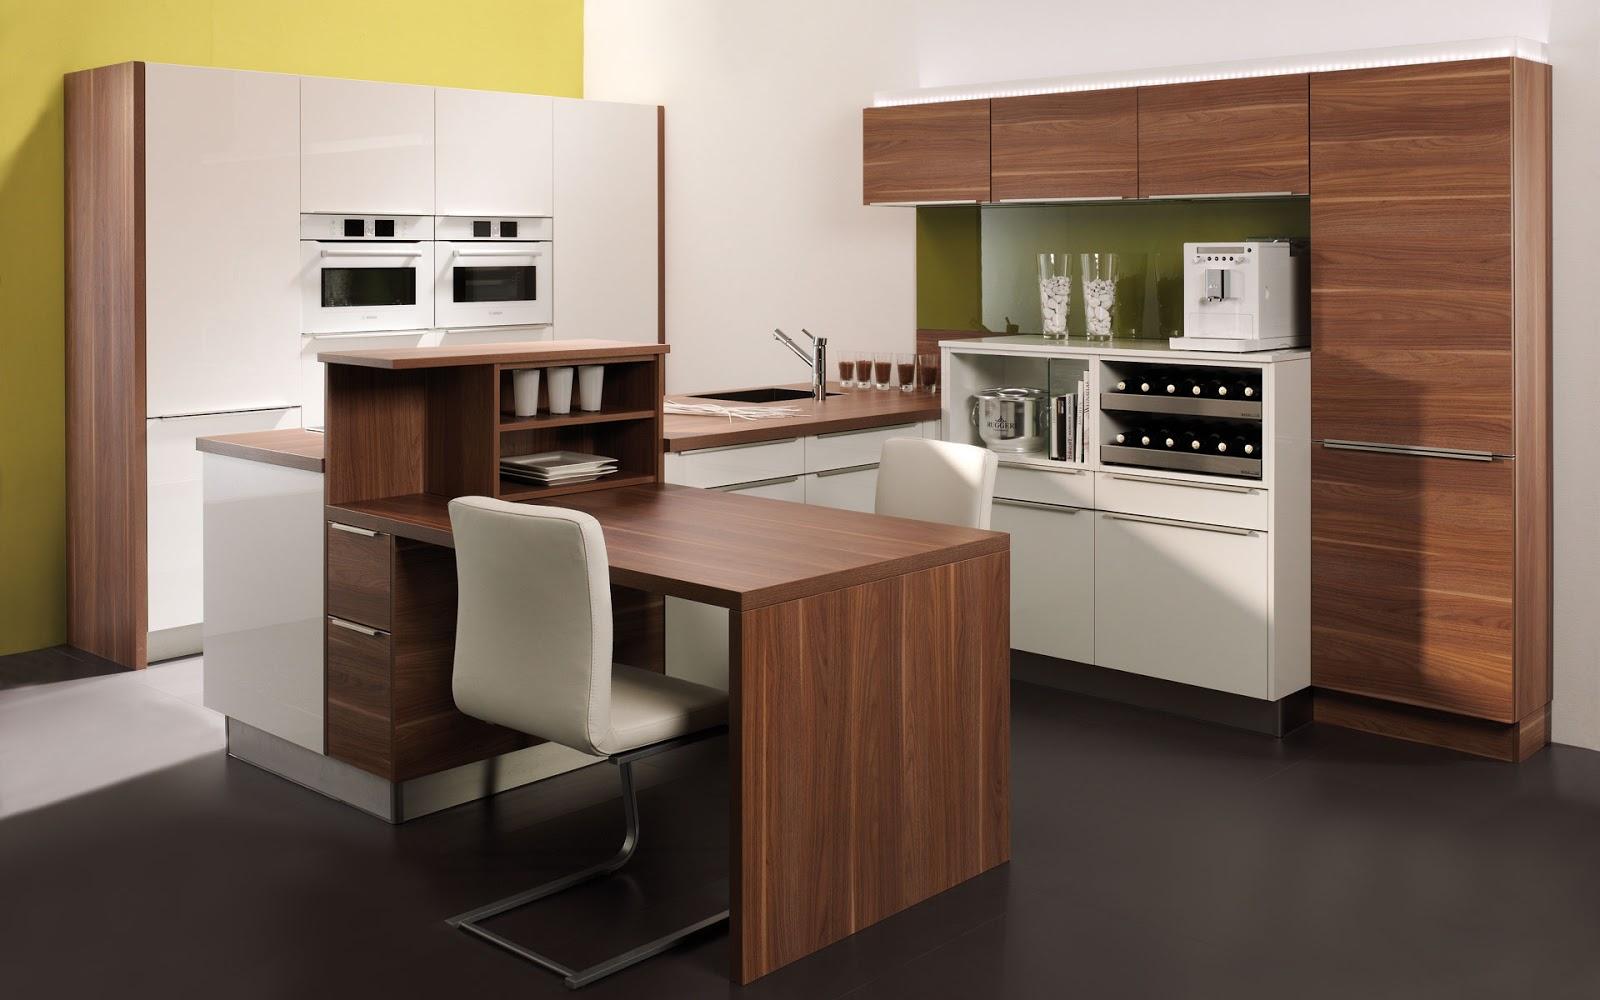 30 ideas de mesas y barras para comer en la cocina for Cocinas modernas pequenas para apartamentos con desayunador